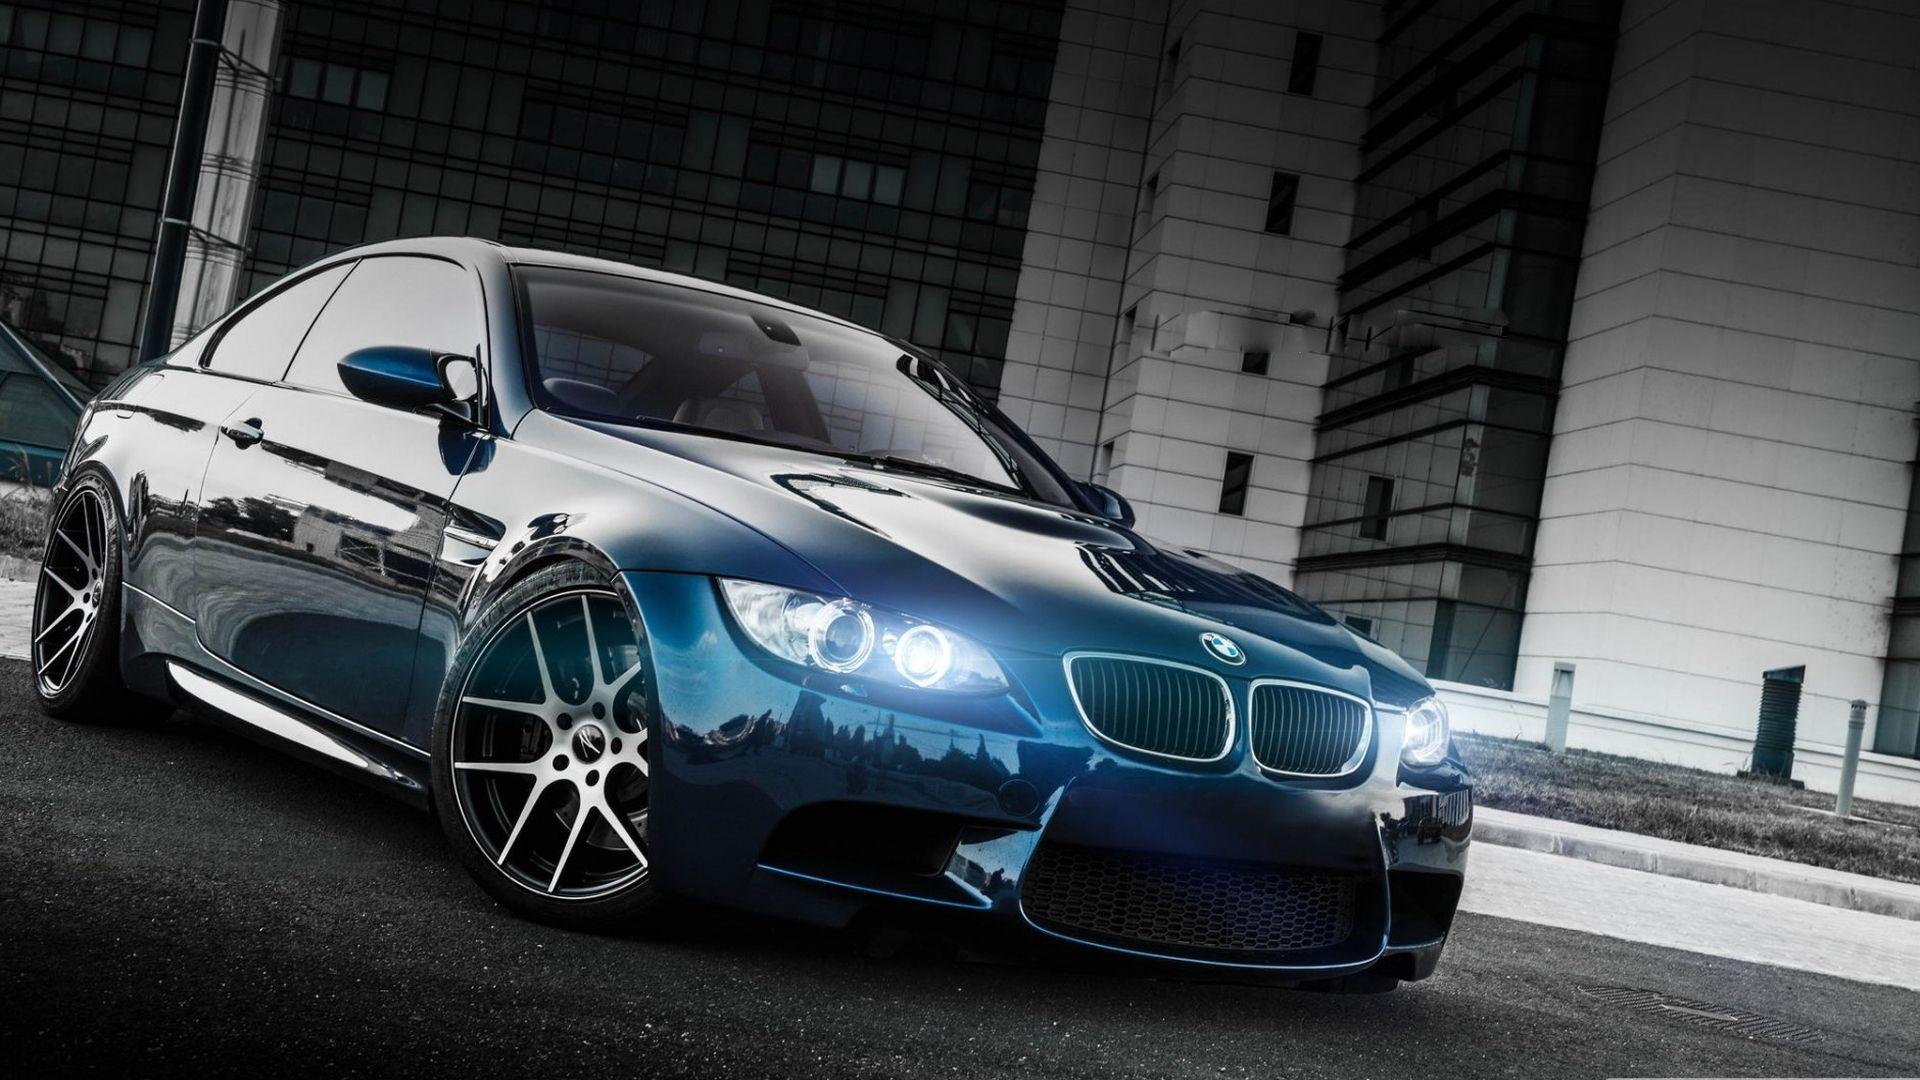 Bmw E92 M3 Black Bmw Bmw M3 Black Bmw 3 Series Coupe